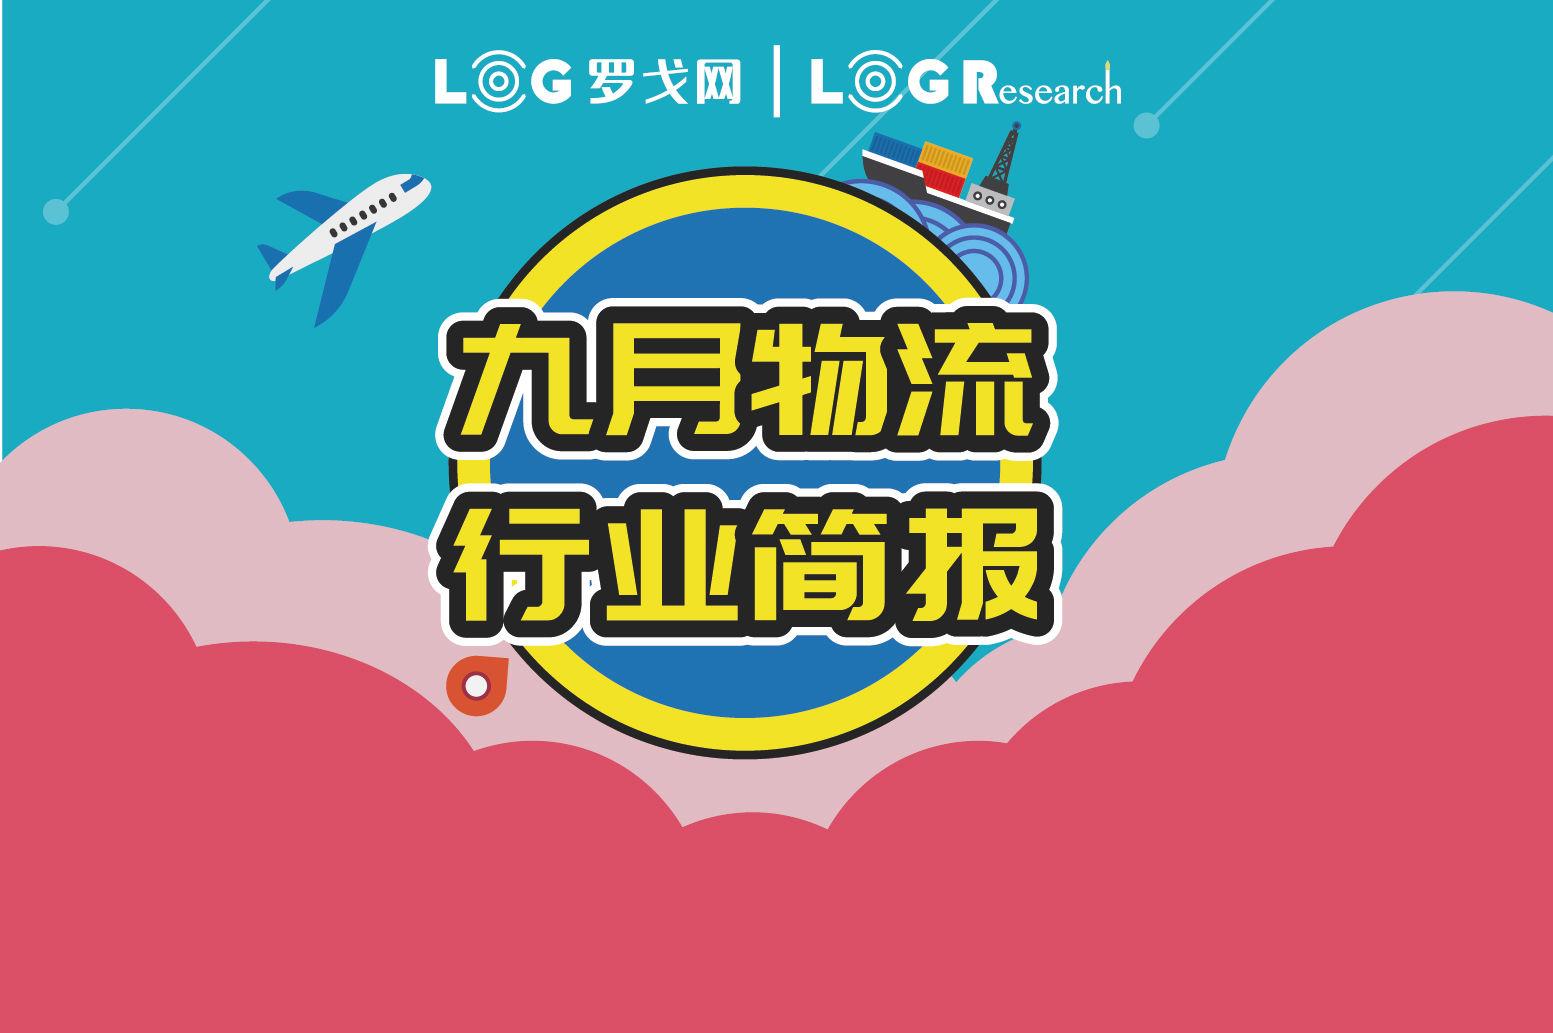 2019-09物流行业简报-个人会员版